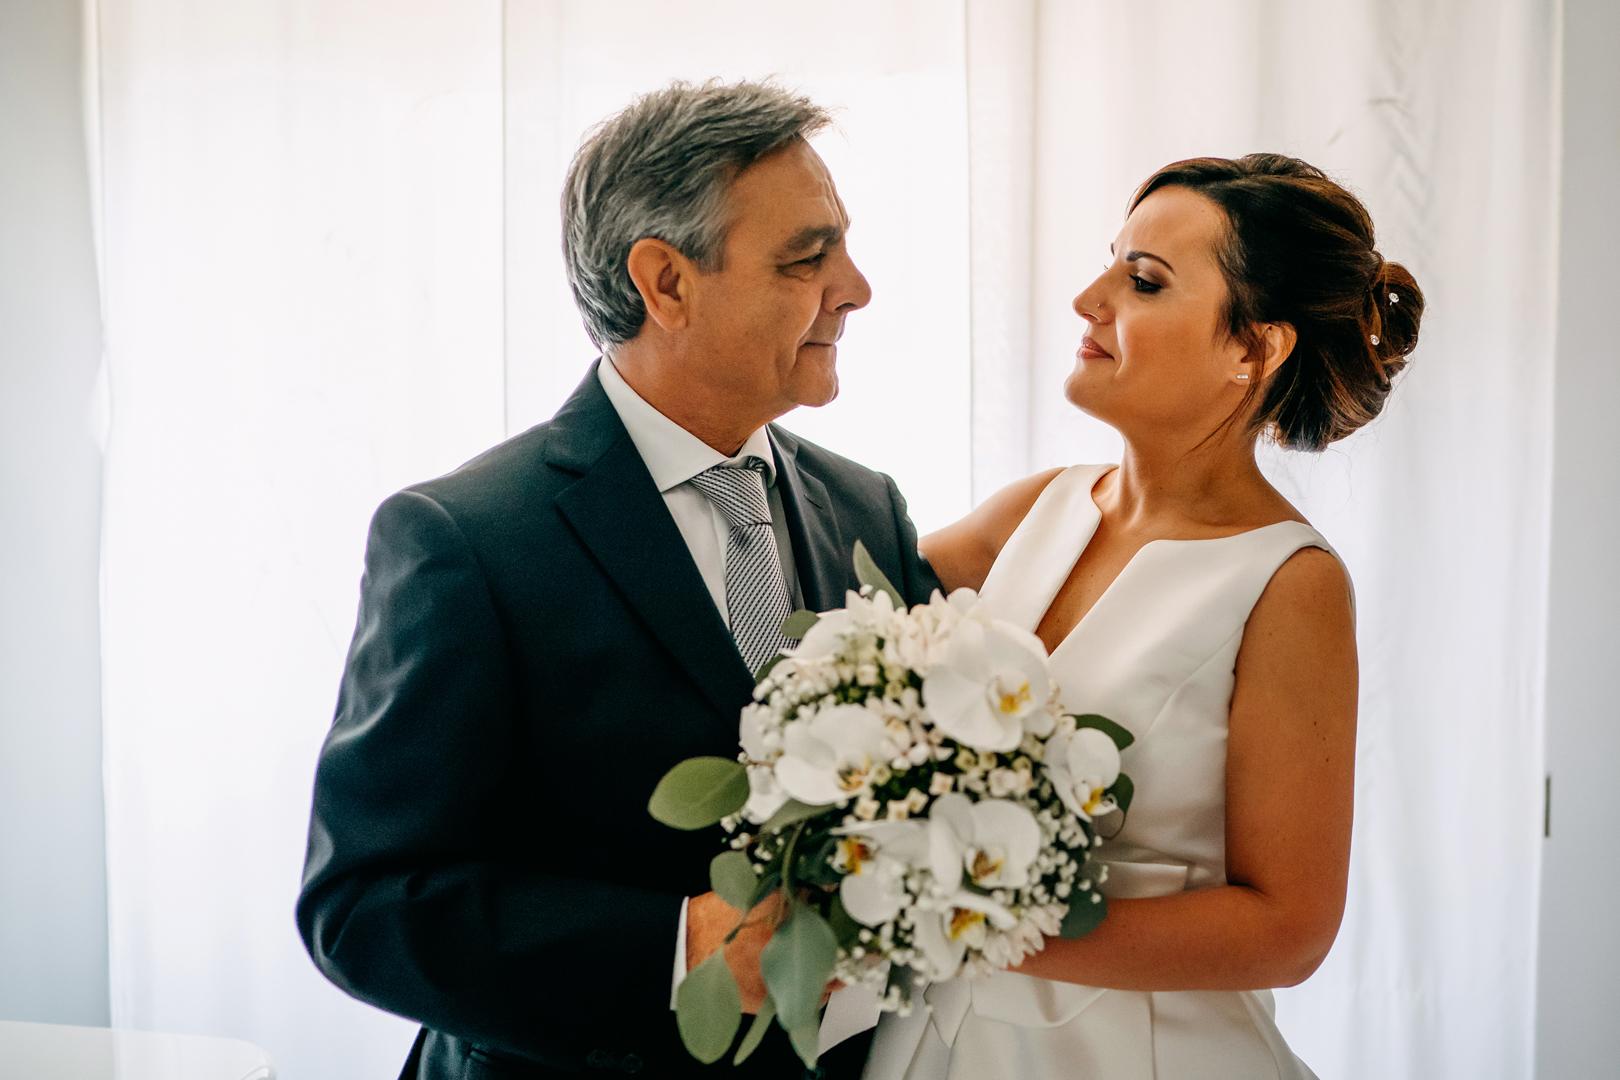 23 gianni-lepore-papà-sposa-bouquet